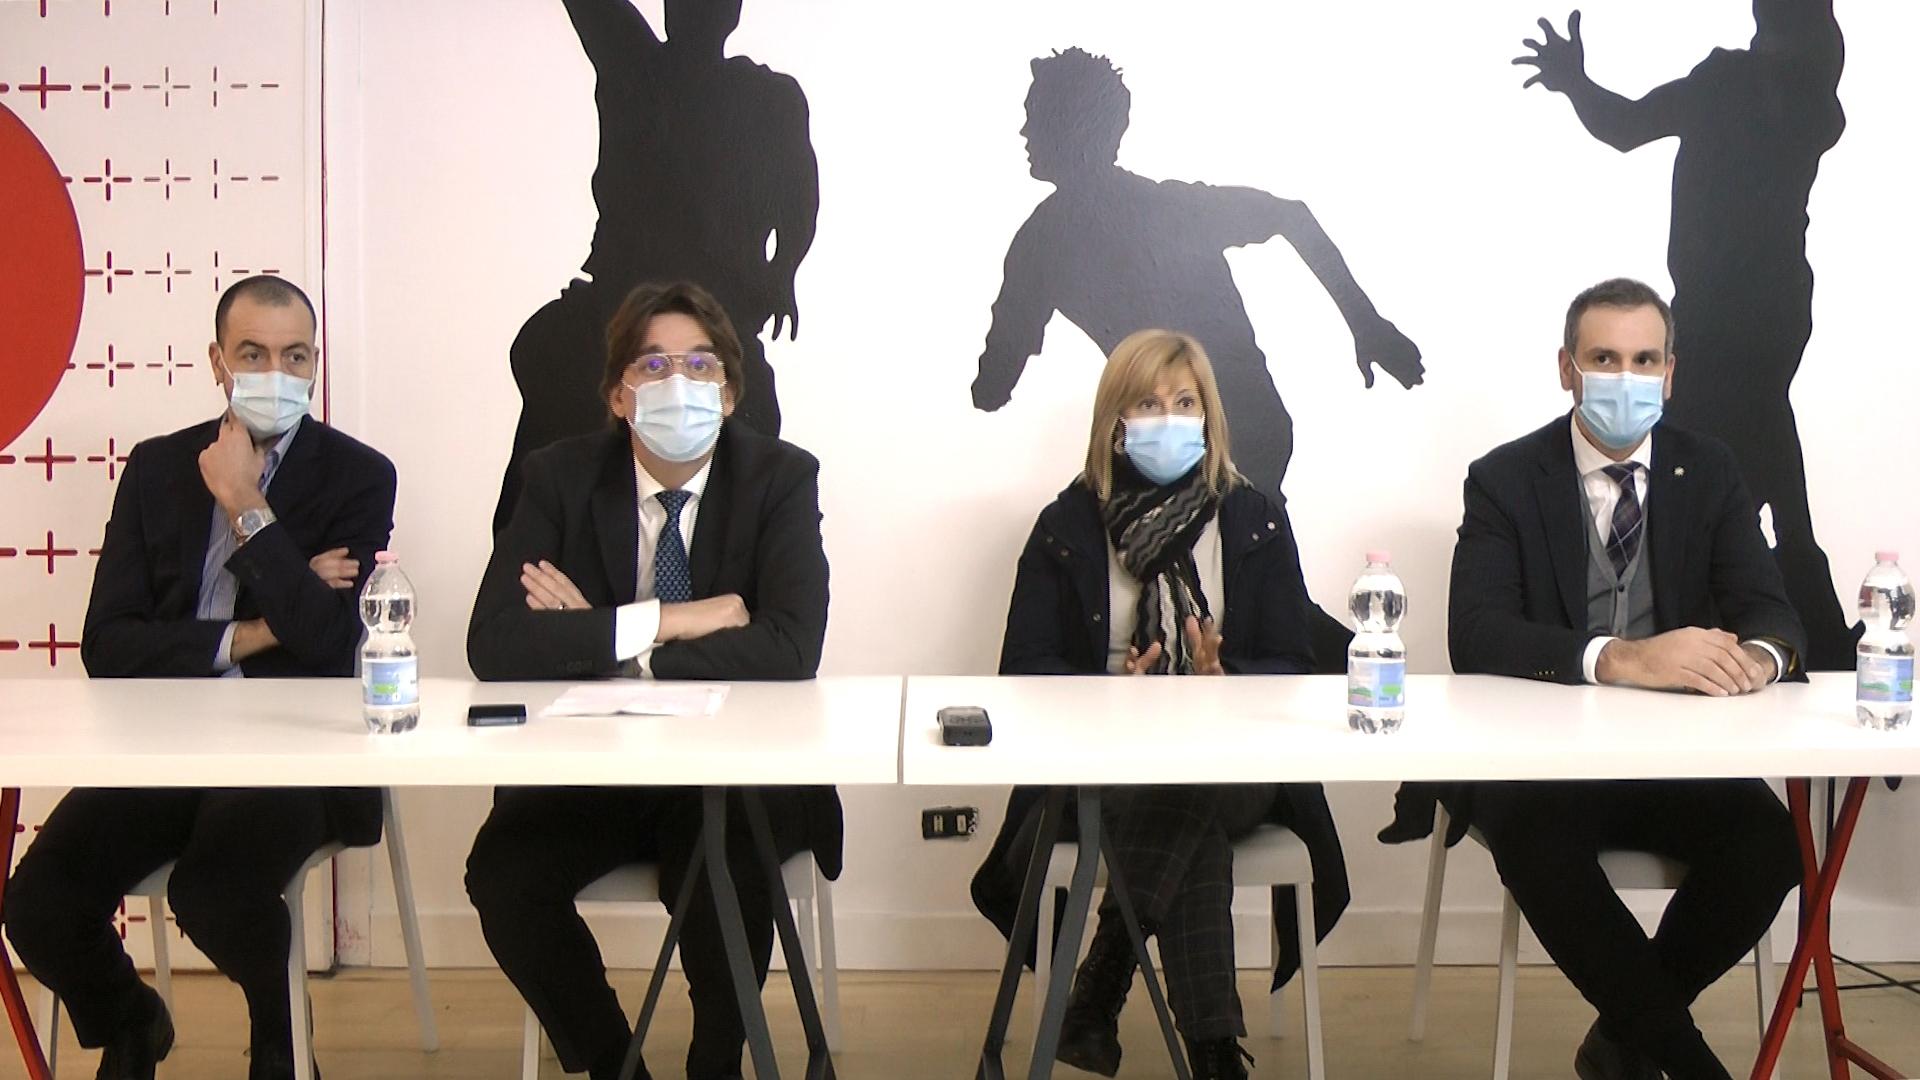 Il video della conferenza stampa Hub Covid-19 post thumbnail image